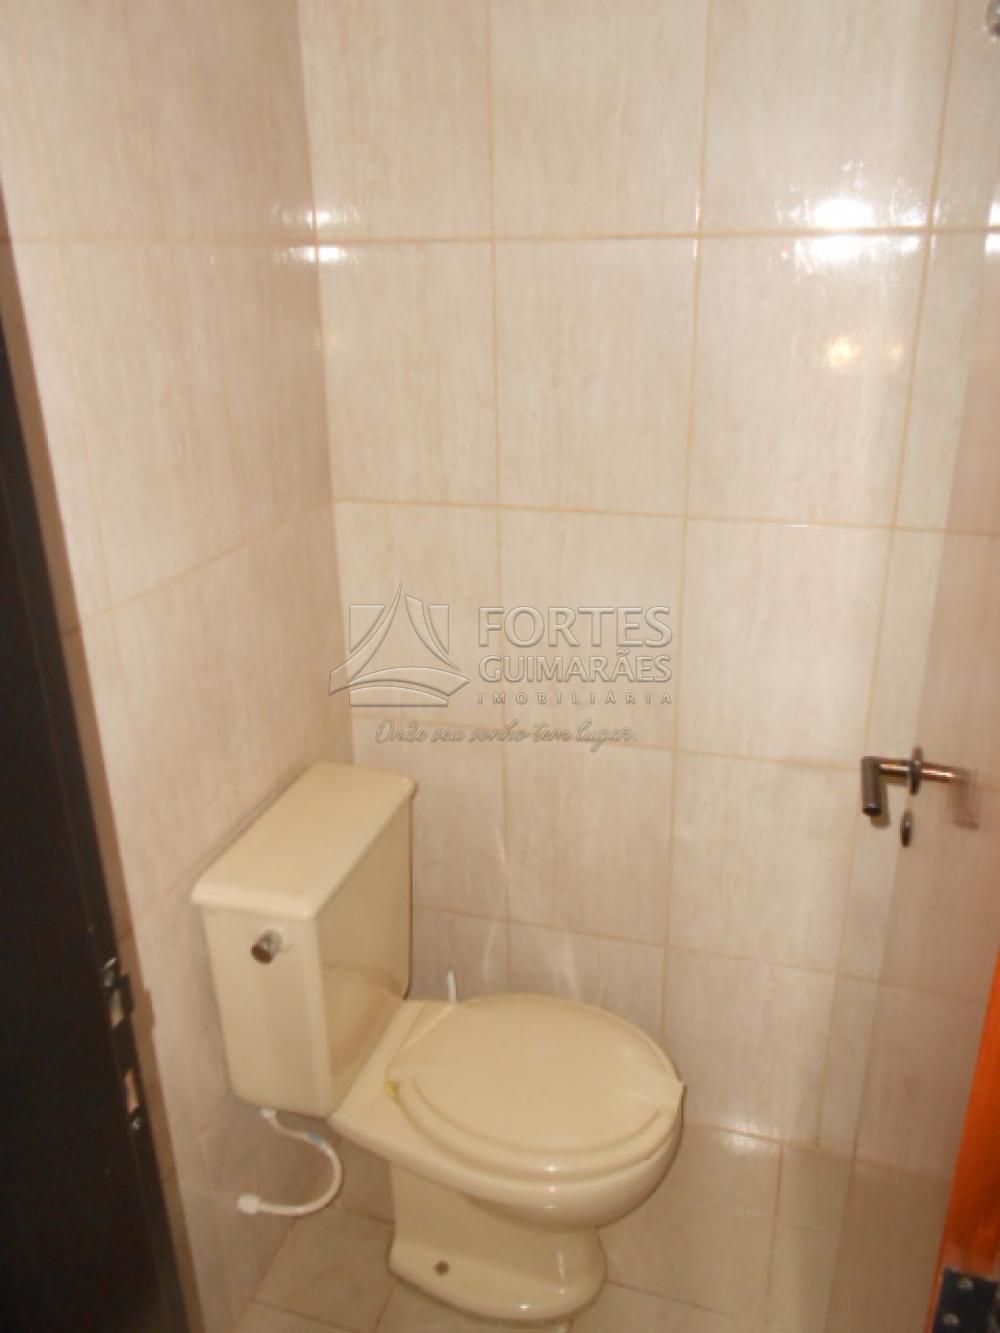 Alugar Comercial / Sala em Ribeirão Preto apenas R$ 750,00 - Foto 14